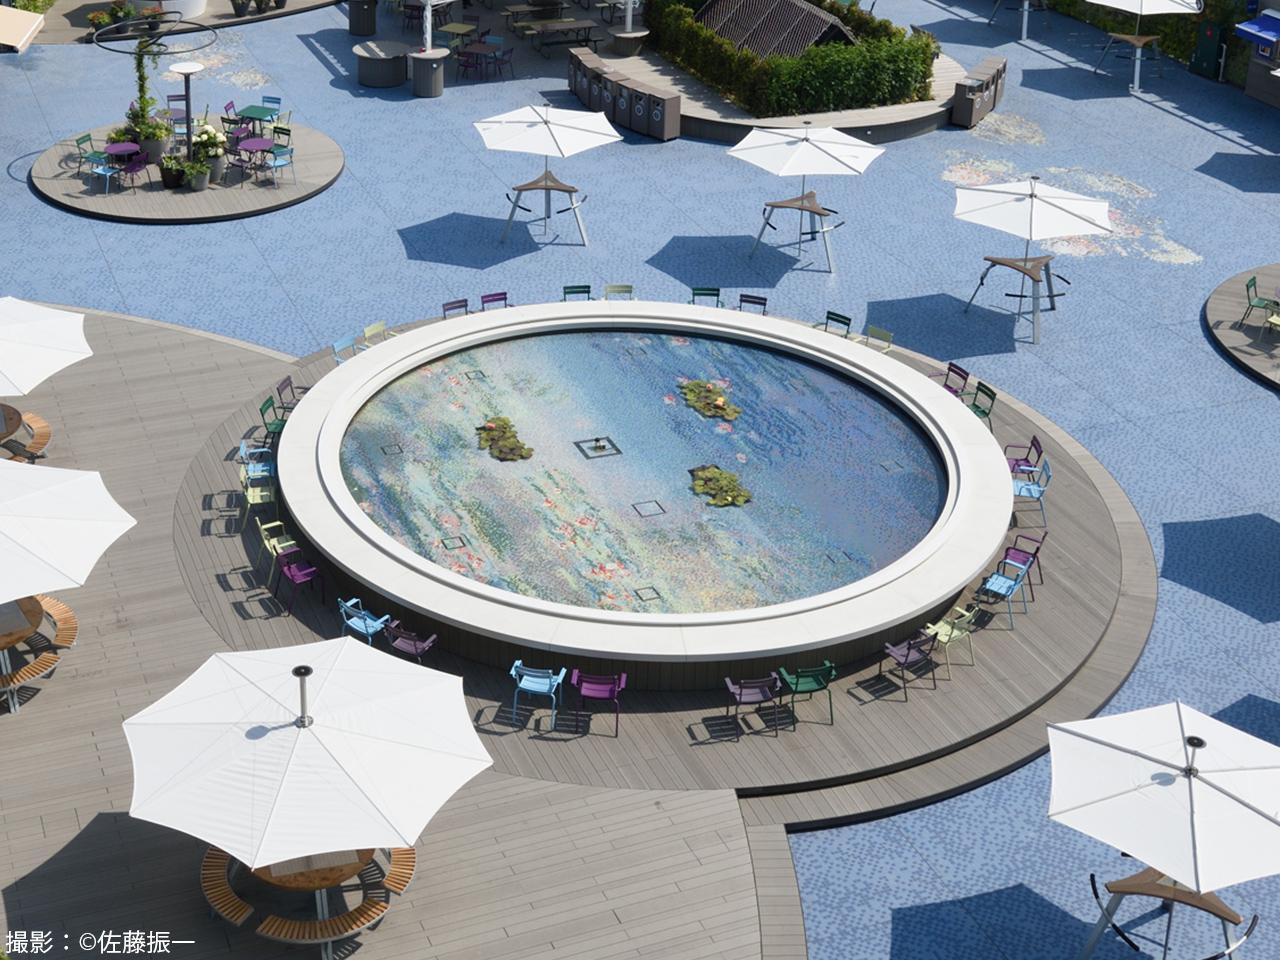 西武池袋本店 食と緑の空中庭園